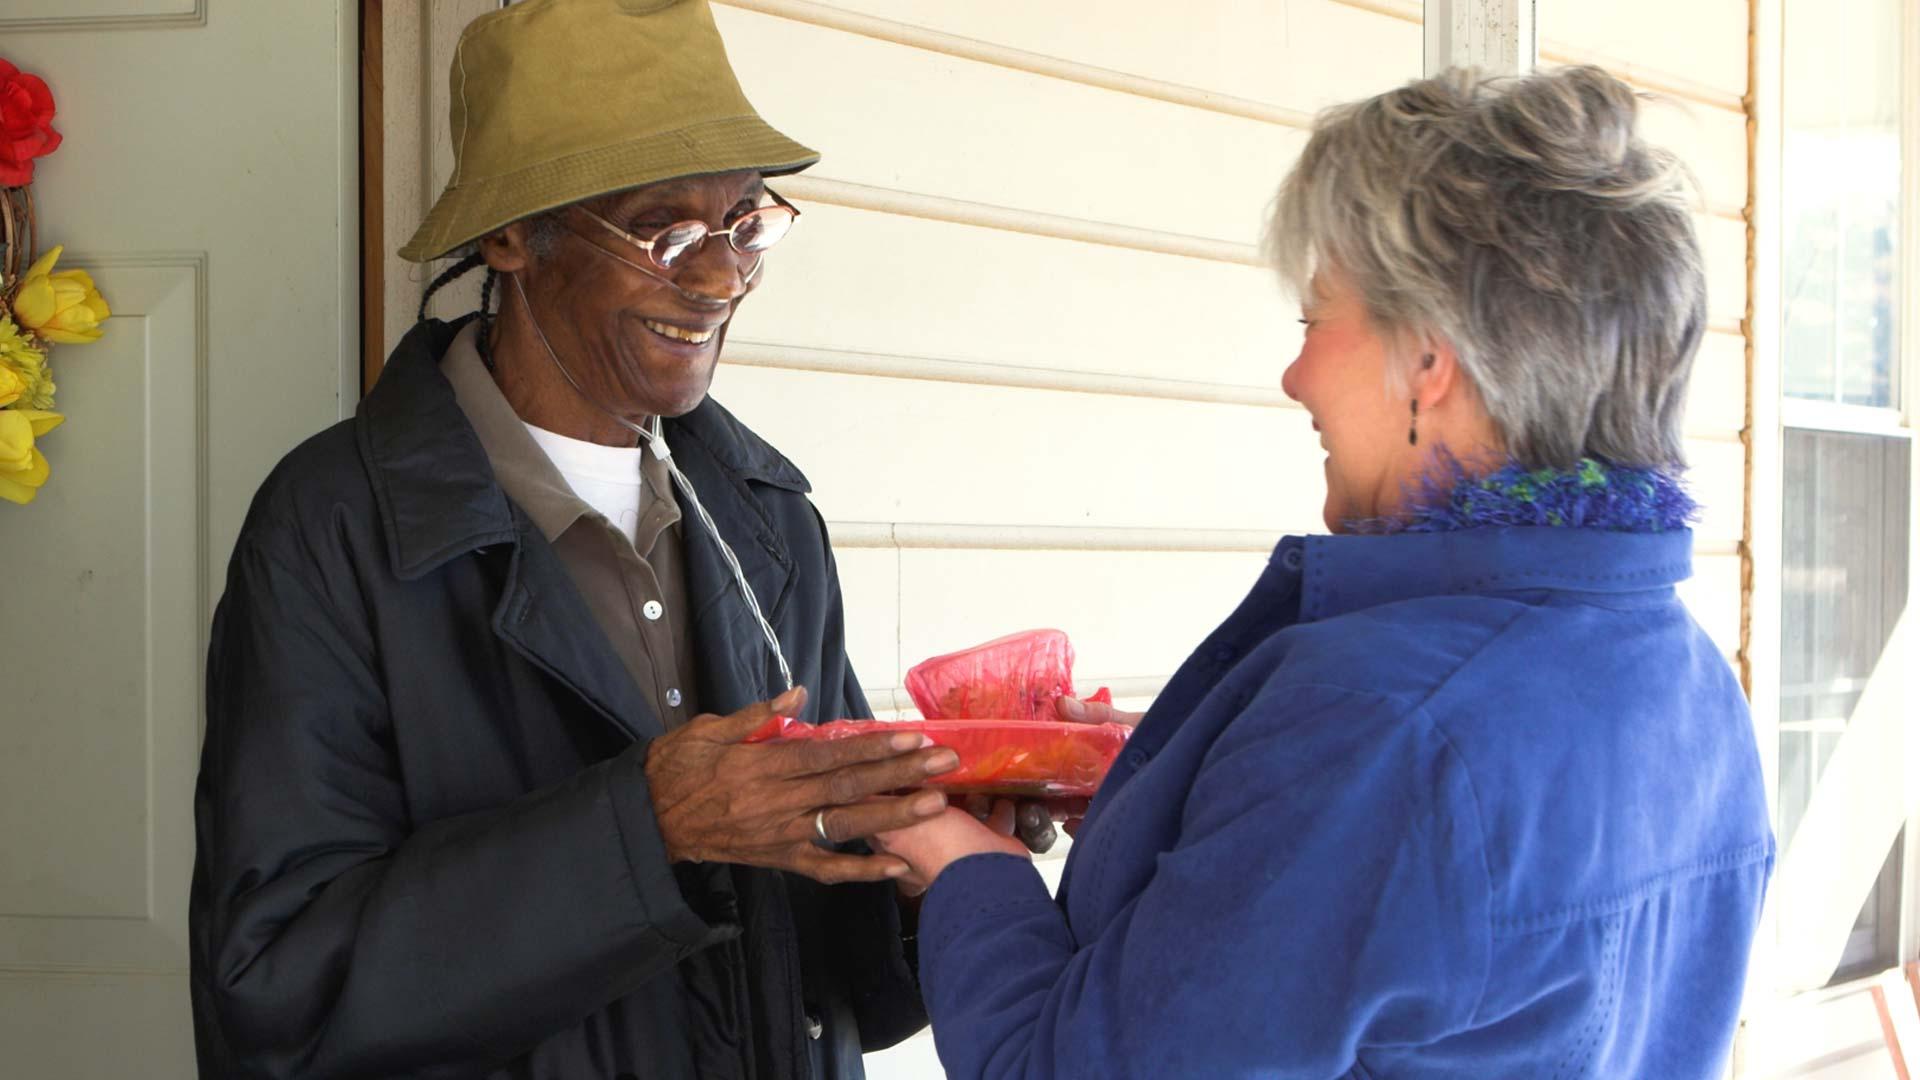 Volunteerism in Decatur